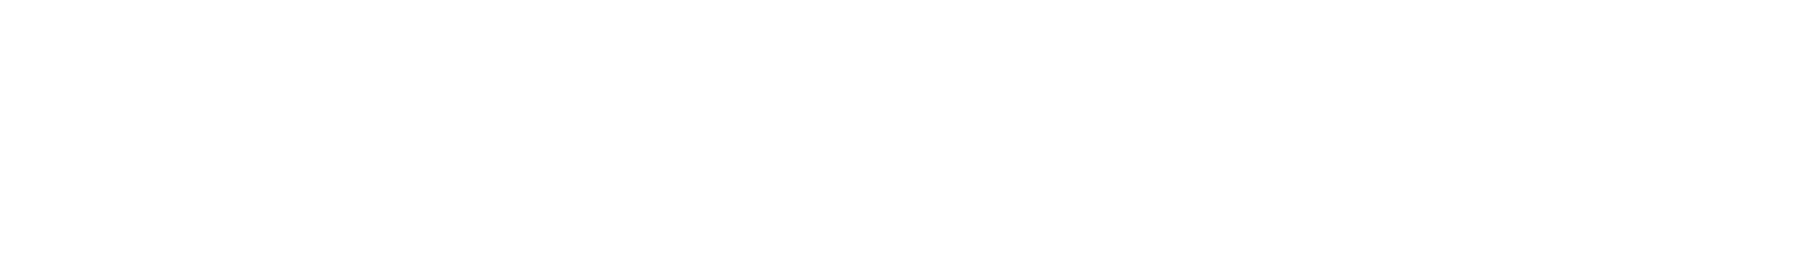 ps480 b4